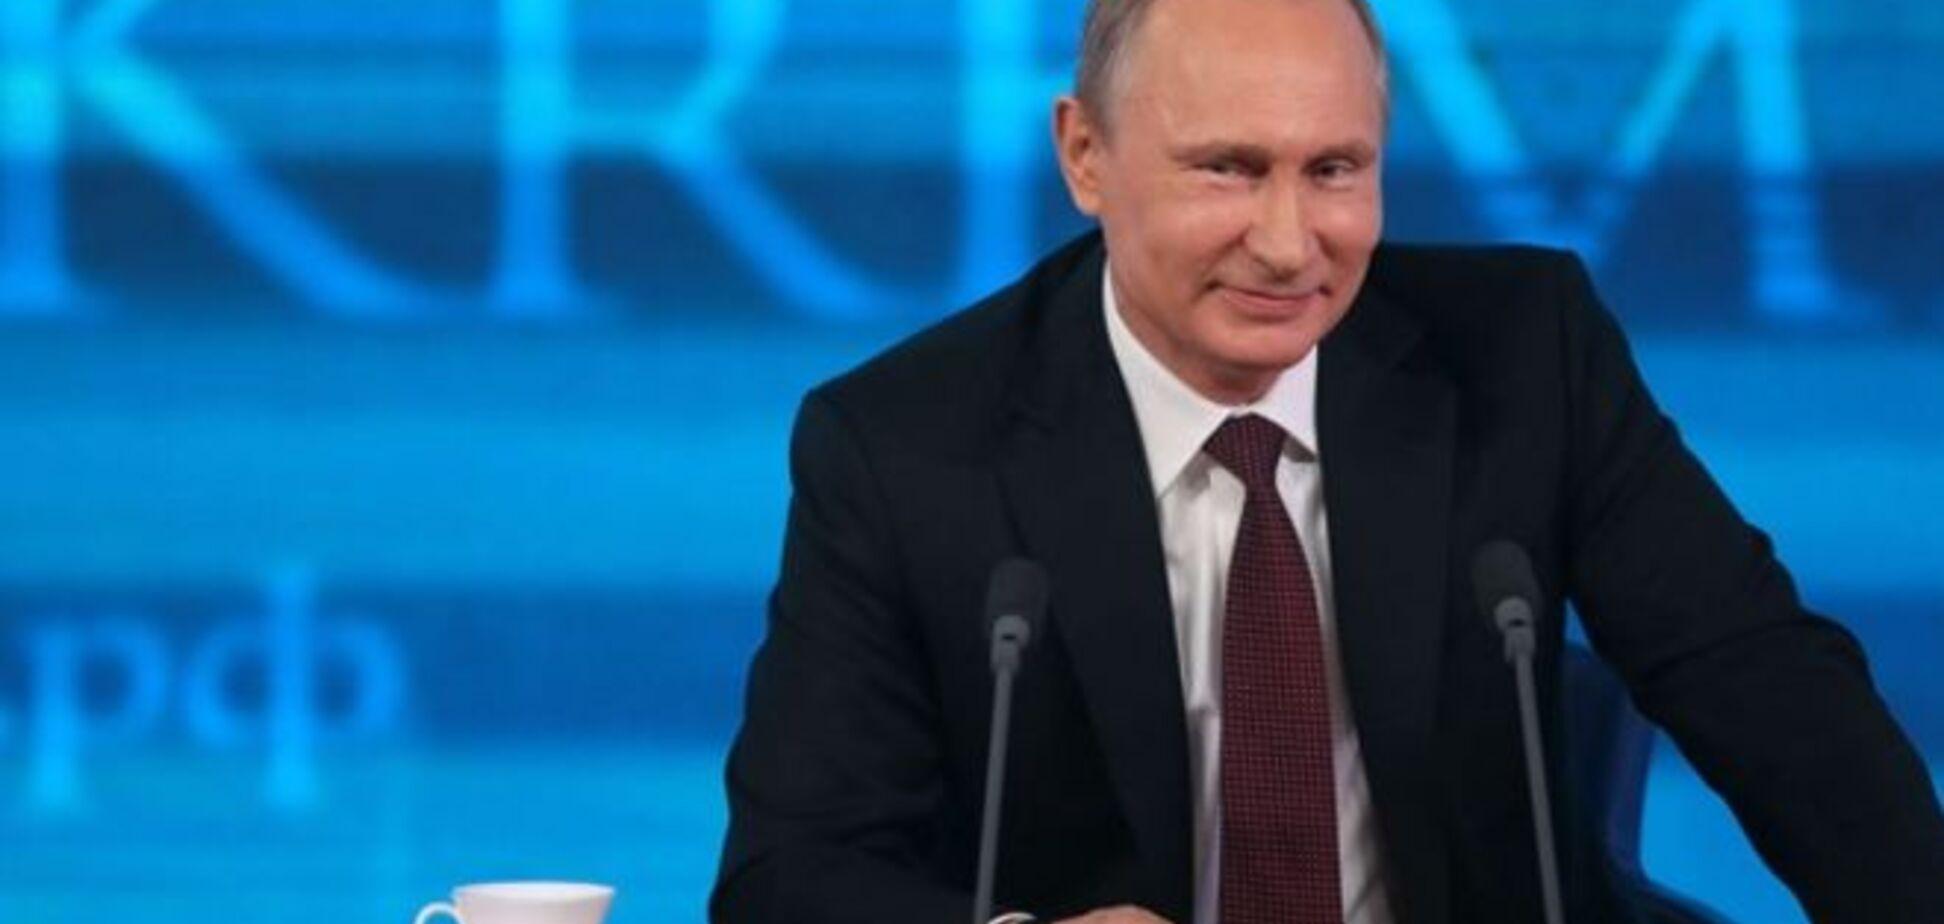 Путин потратил на 'новую версию' своего сайта 20 млн бюджетных рублей